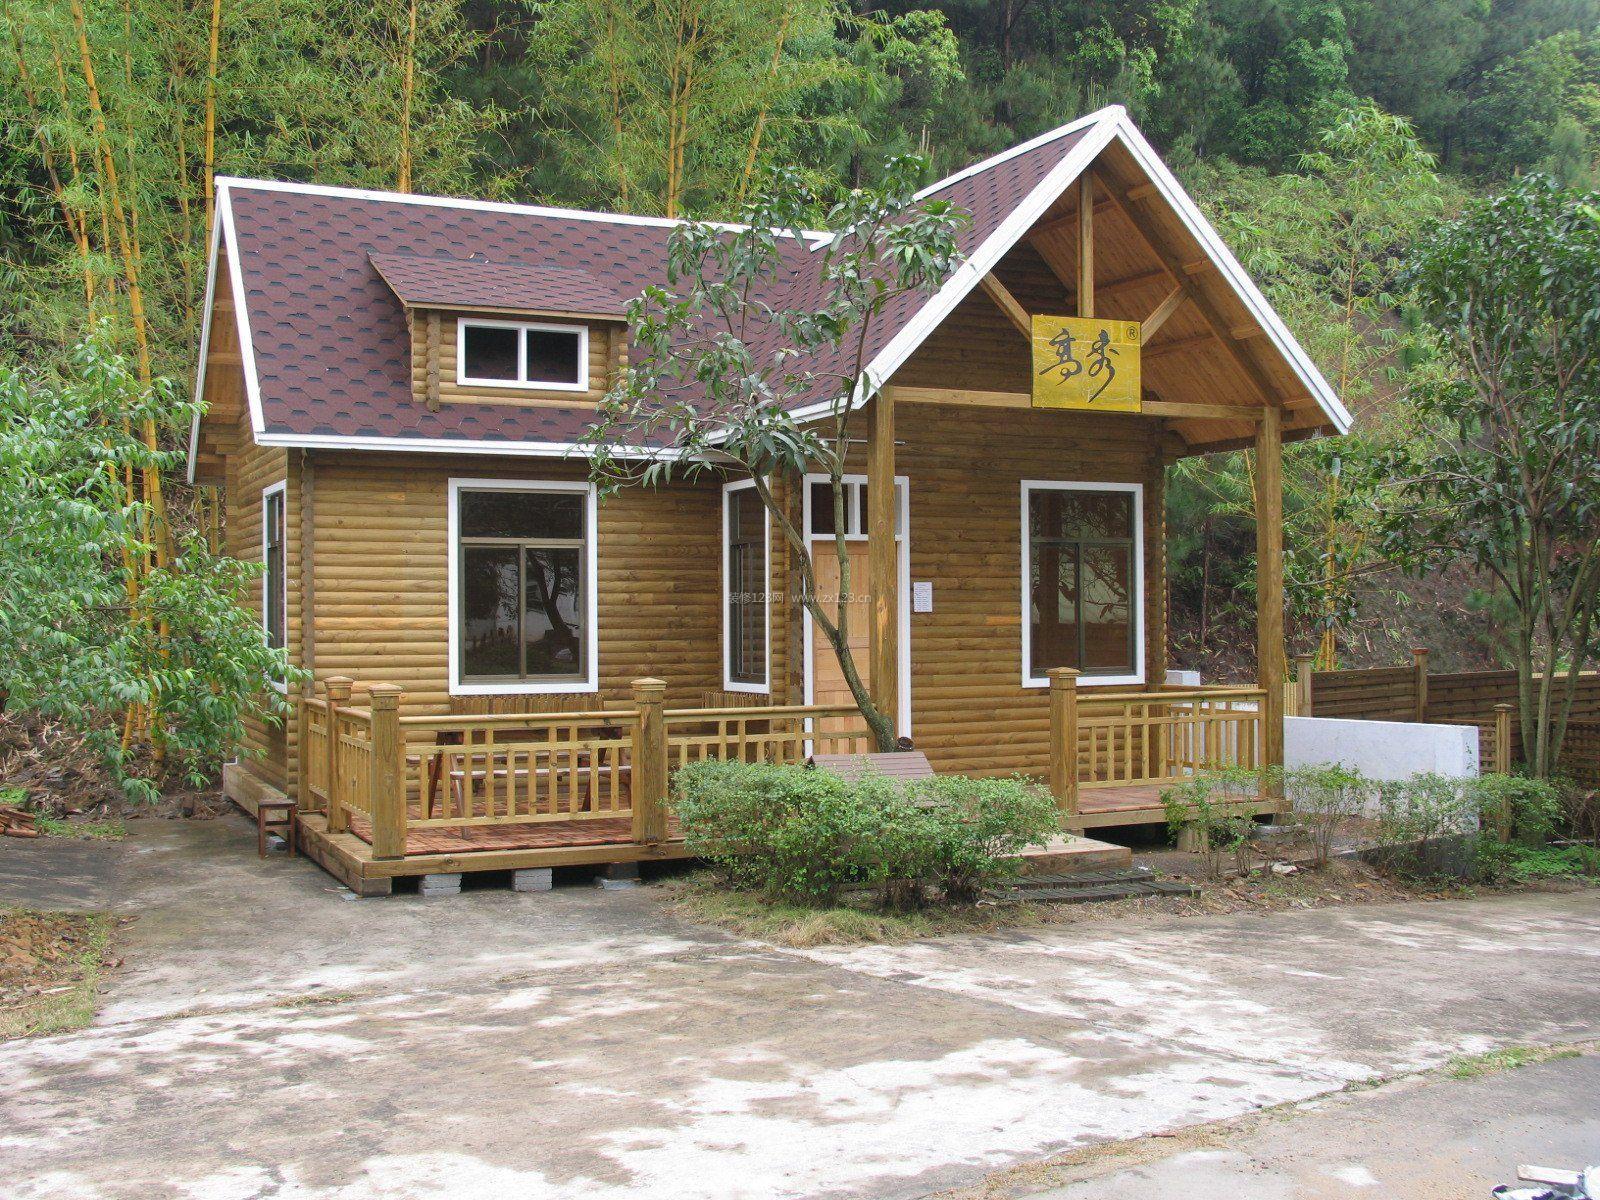 2017现代木制小别墅外观造型设计装修效果